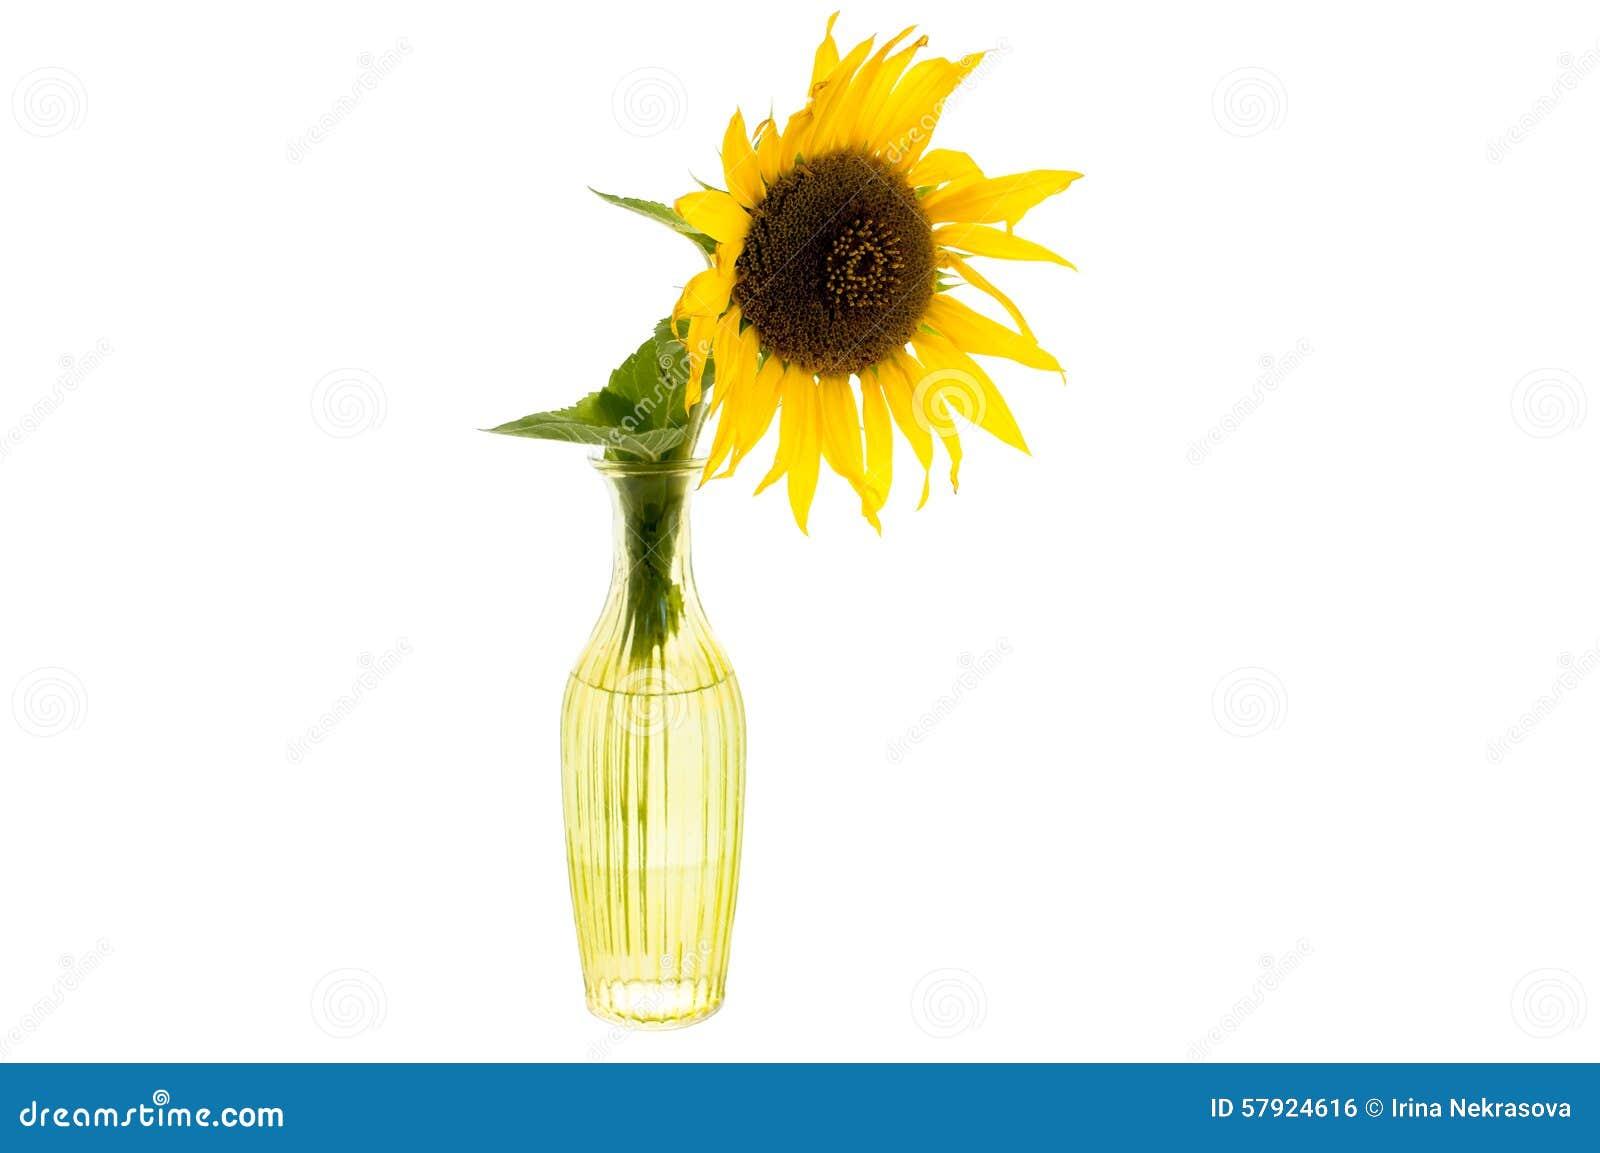 Jaskrawy żółty kwiat słonecznik w szklanej wazie